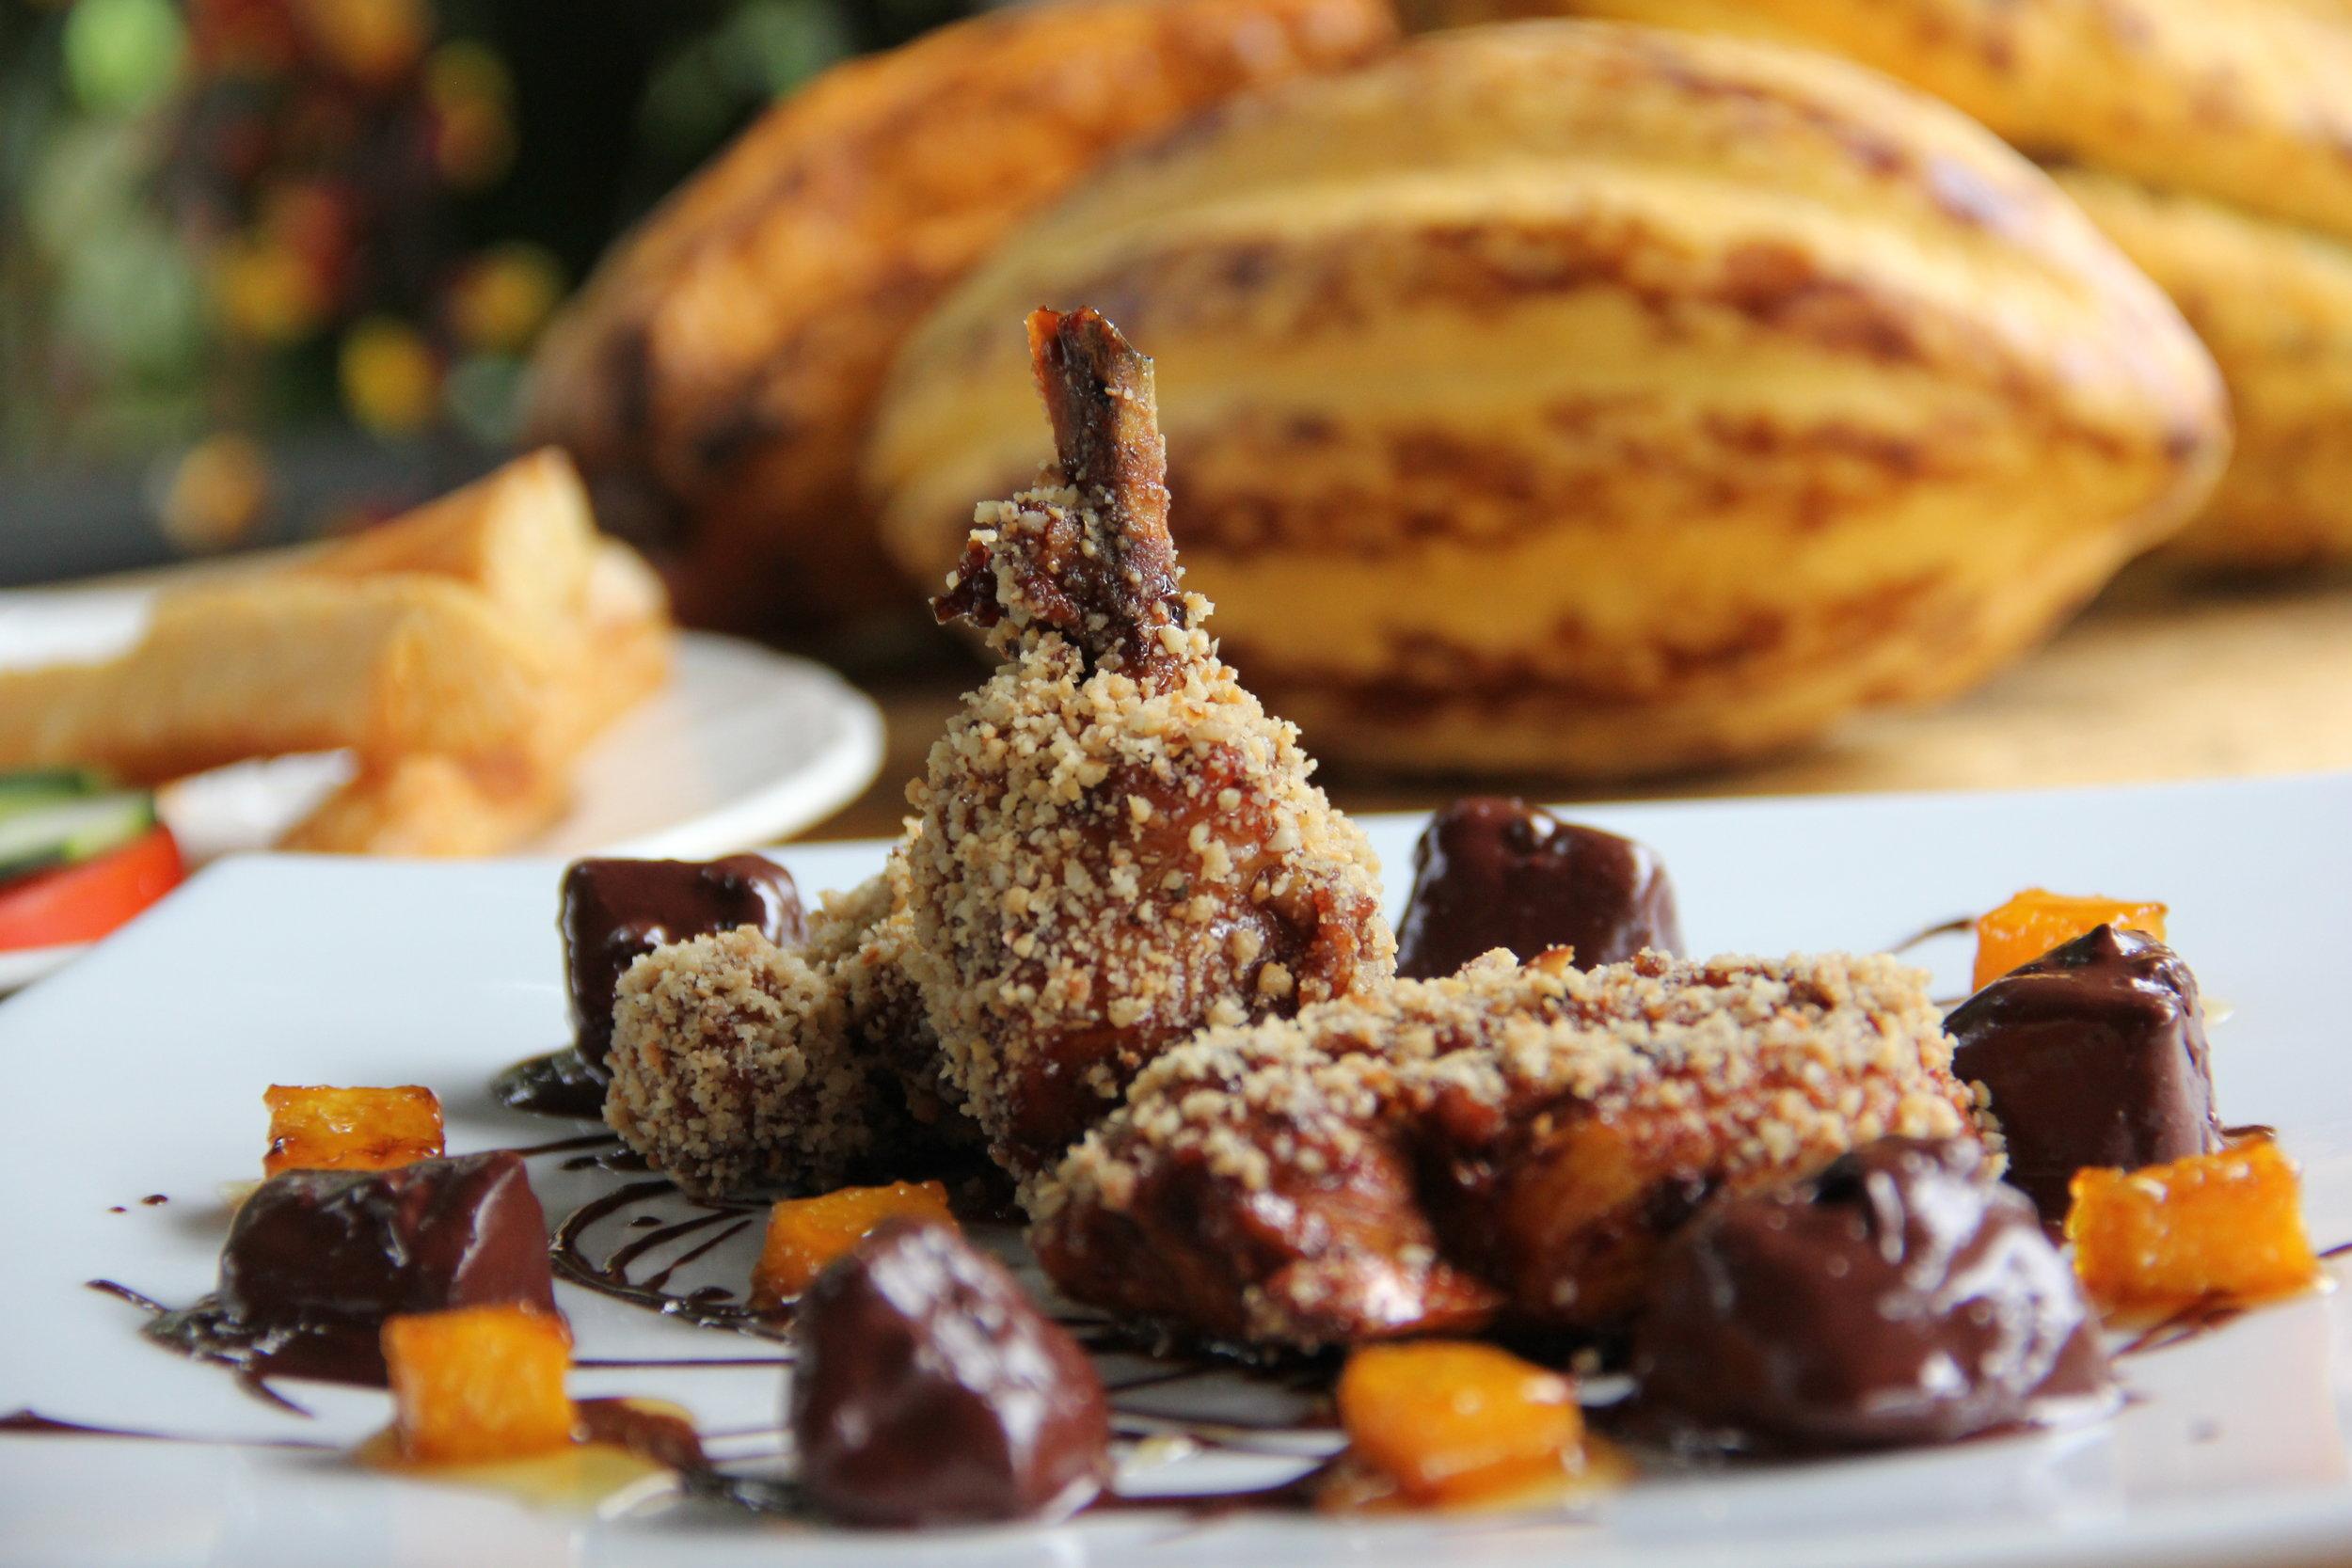 Macadamia chicken with yuca bon bons.